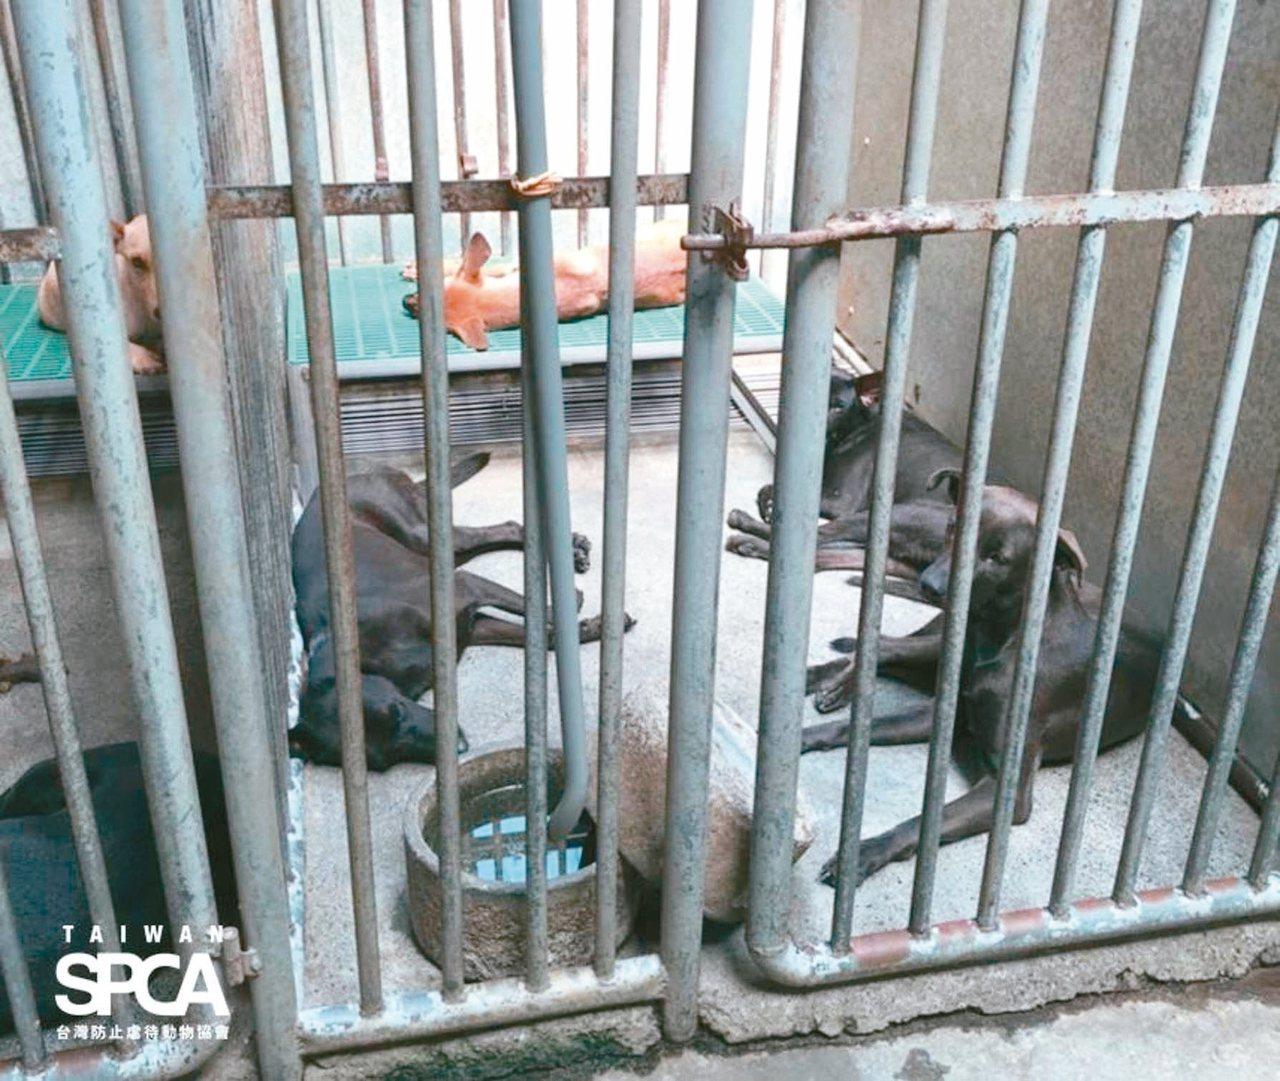 彰化員林流浪犬收容所狹小的籠舍,最多僅適合收容2隻,如今卻塞了5隻。 圖/台灣防...